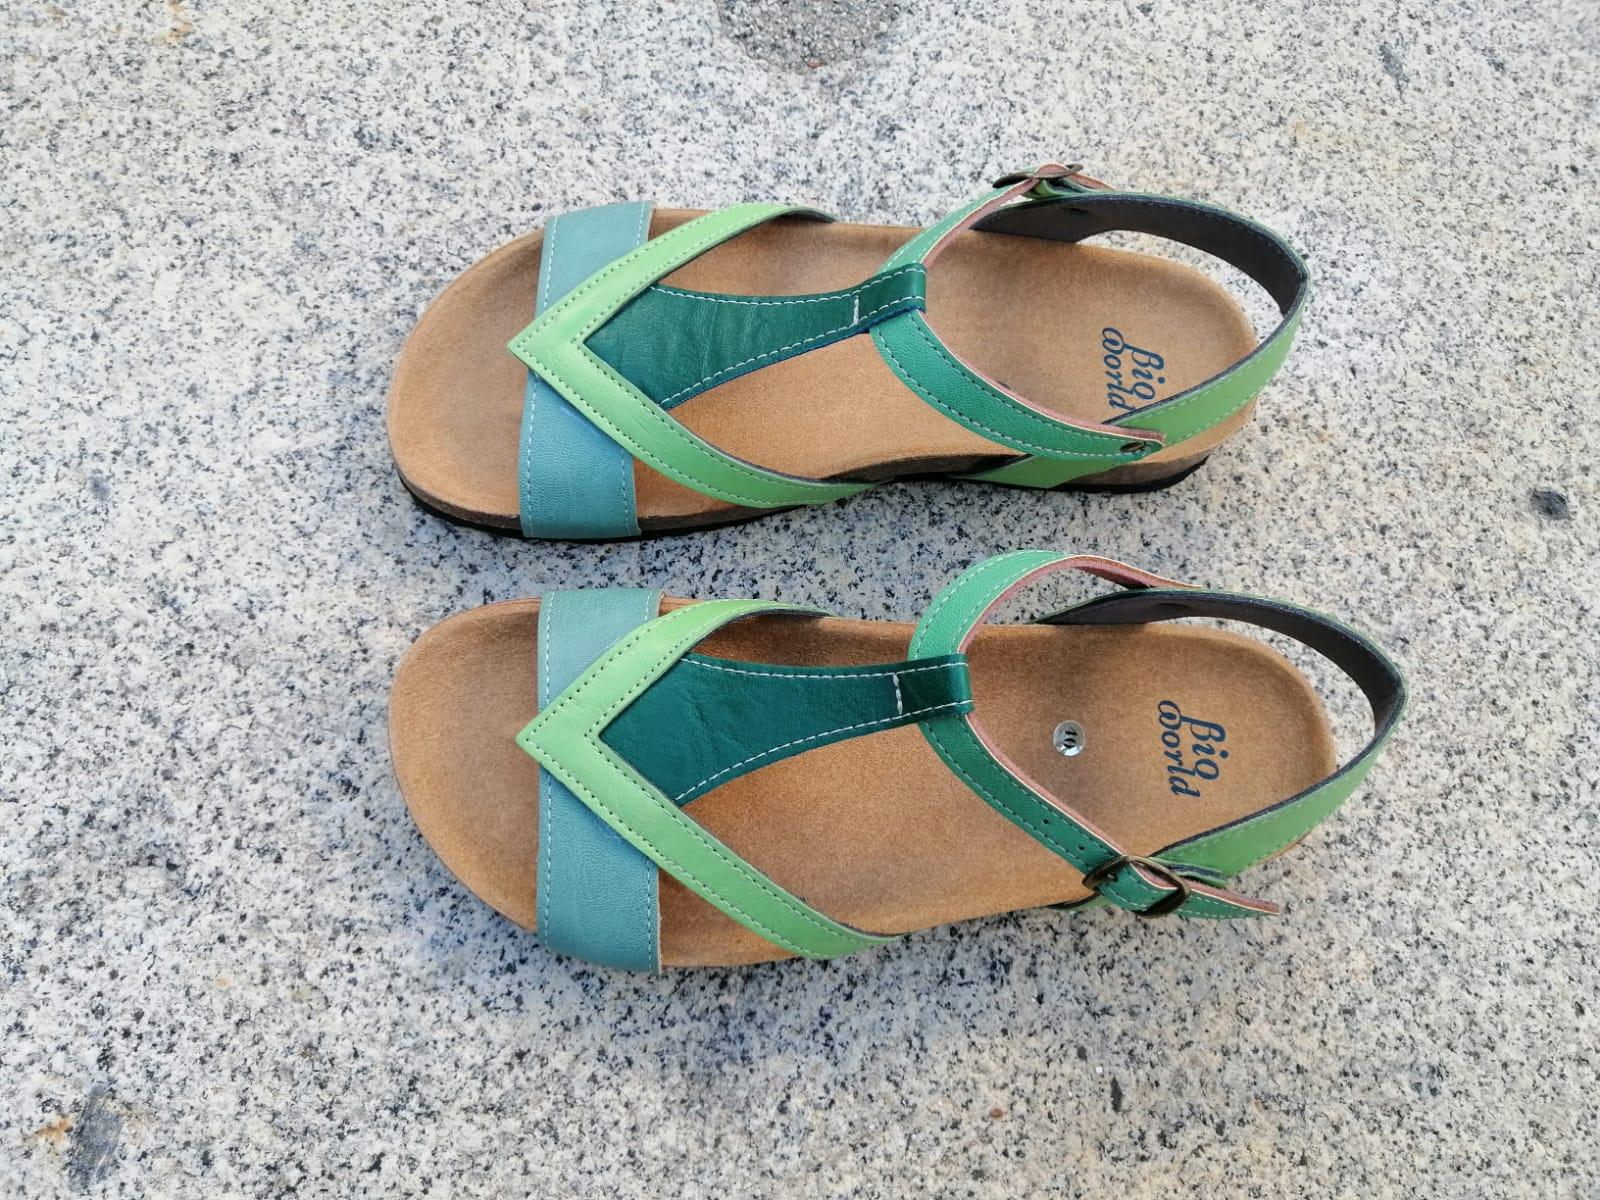 FIESTA combi 3 verdes, sandalias veganas, sandalias veganas mujer, calzado vegano, sandalias de tacón bajo, sandalias bioworld, vegan shoes, sandalias de colores.